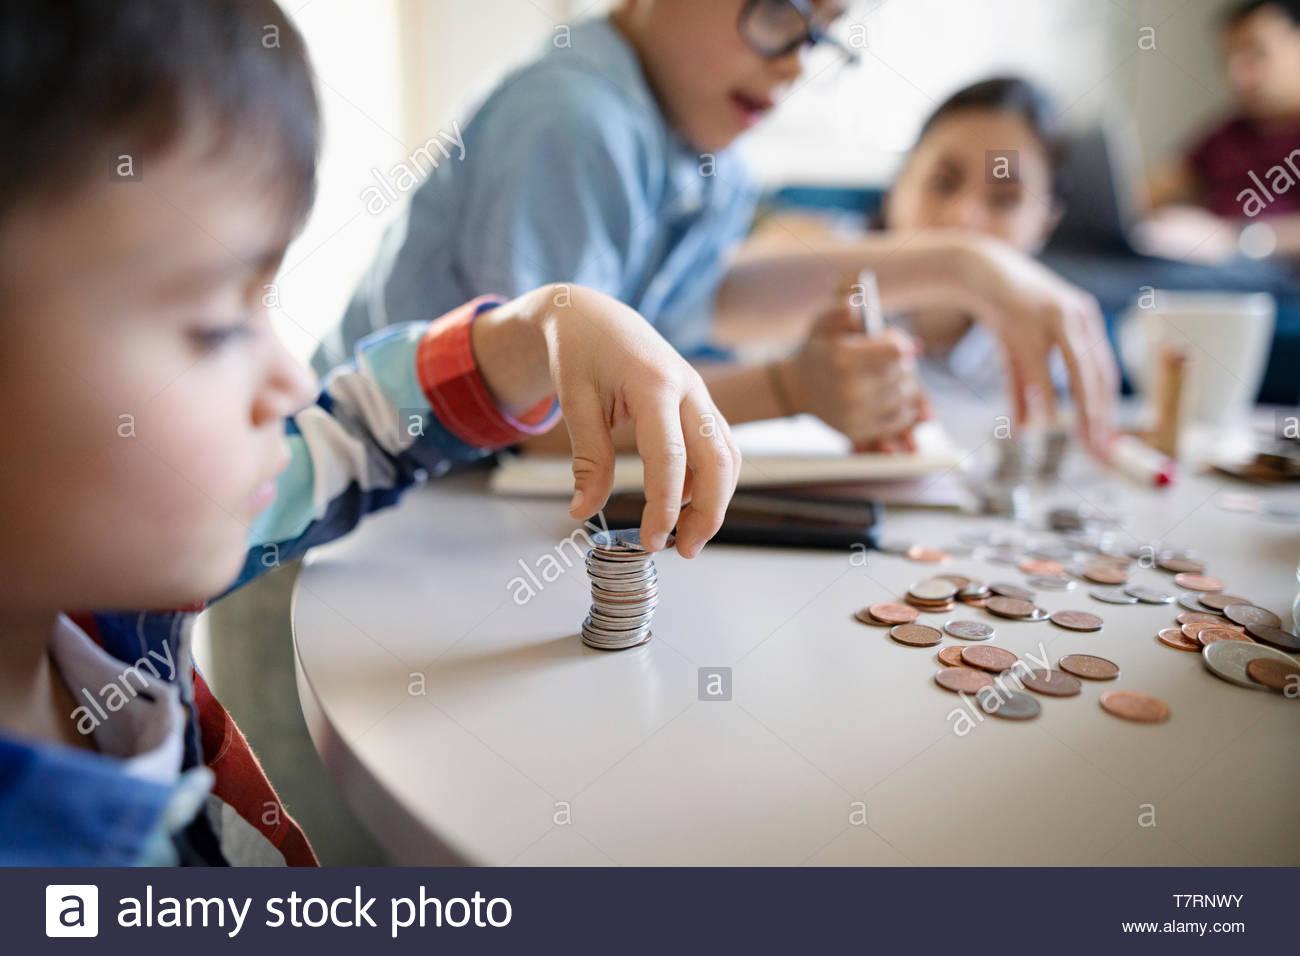 Frères et soeur de l'argent comptant pour amortissement Photo Stock